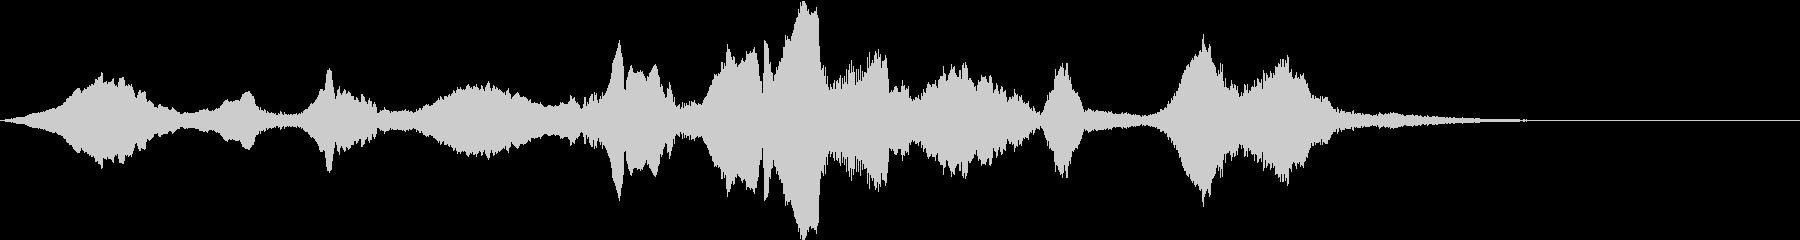 怪しいエスニックなバイオリンのフレーズ1の未再生の波形